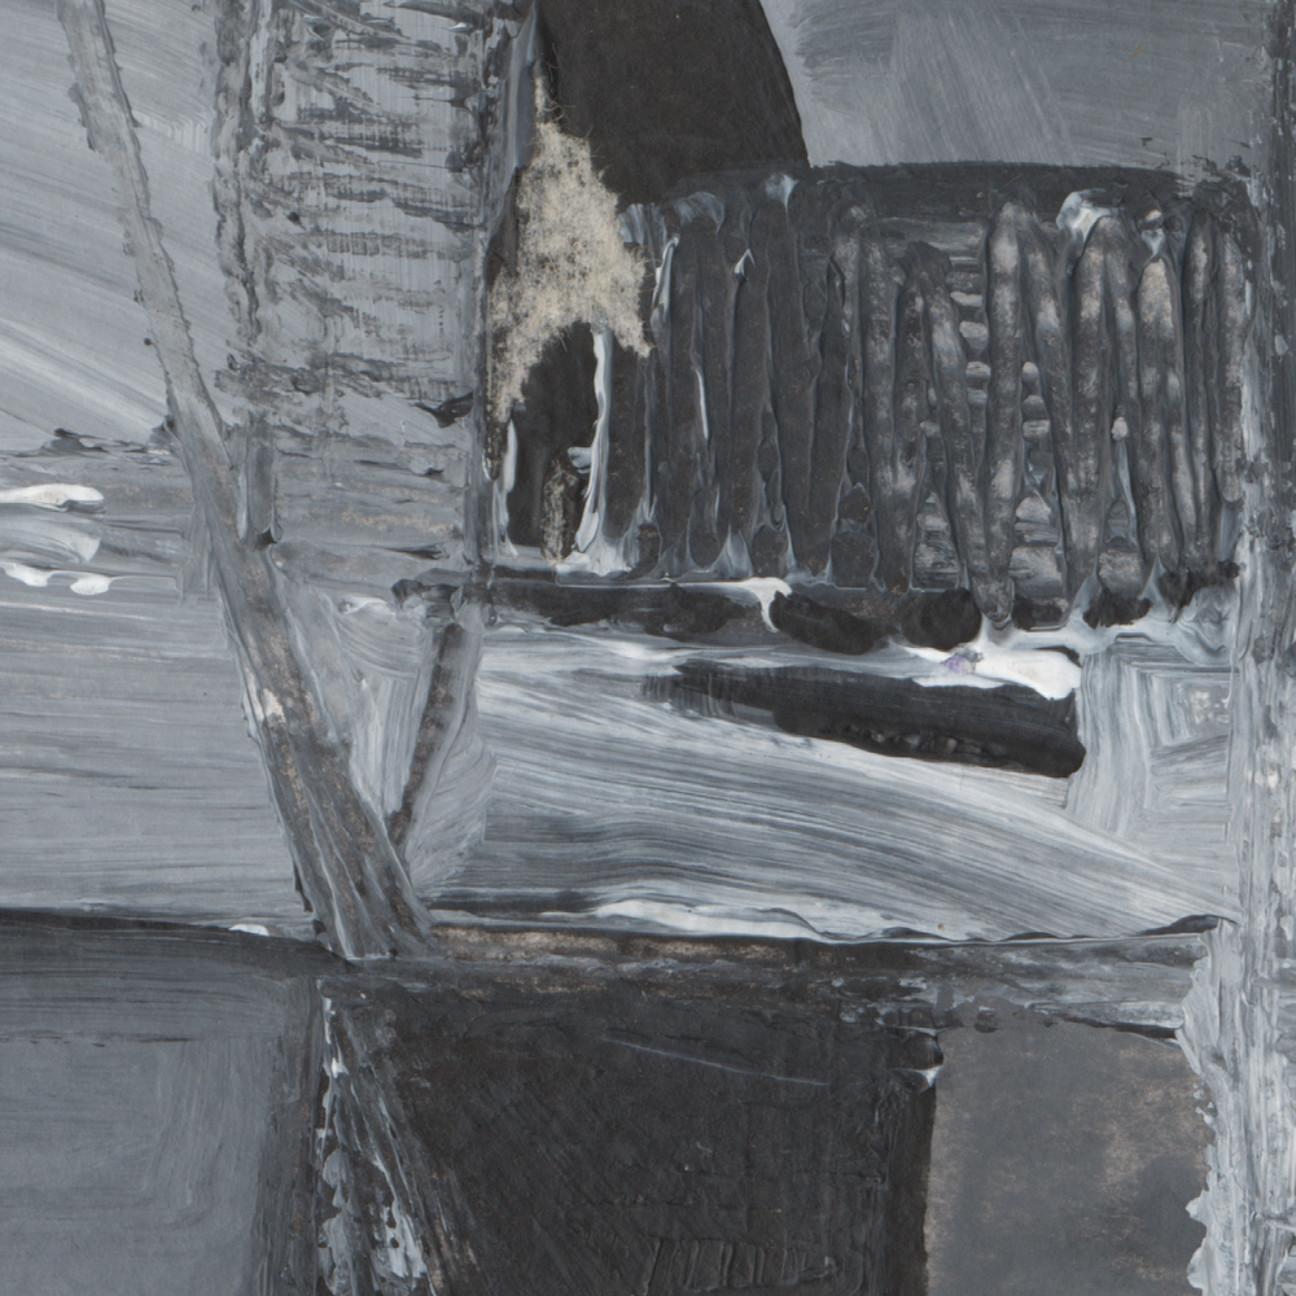 Sv bwmin untitled015 ammc p 3wx2h 2008 a2ldcl